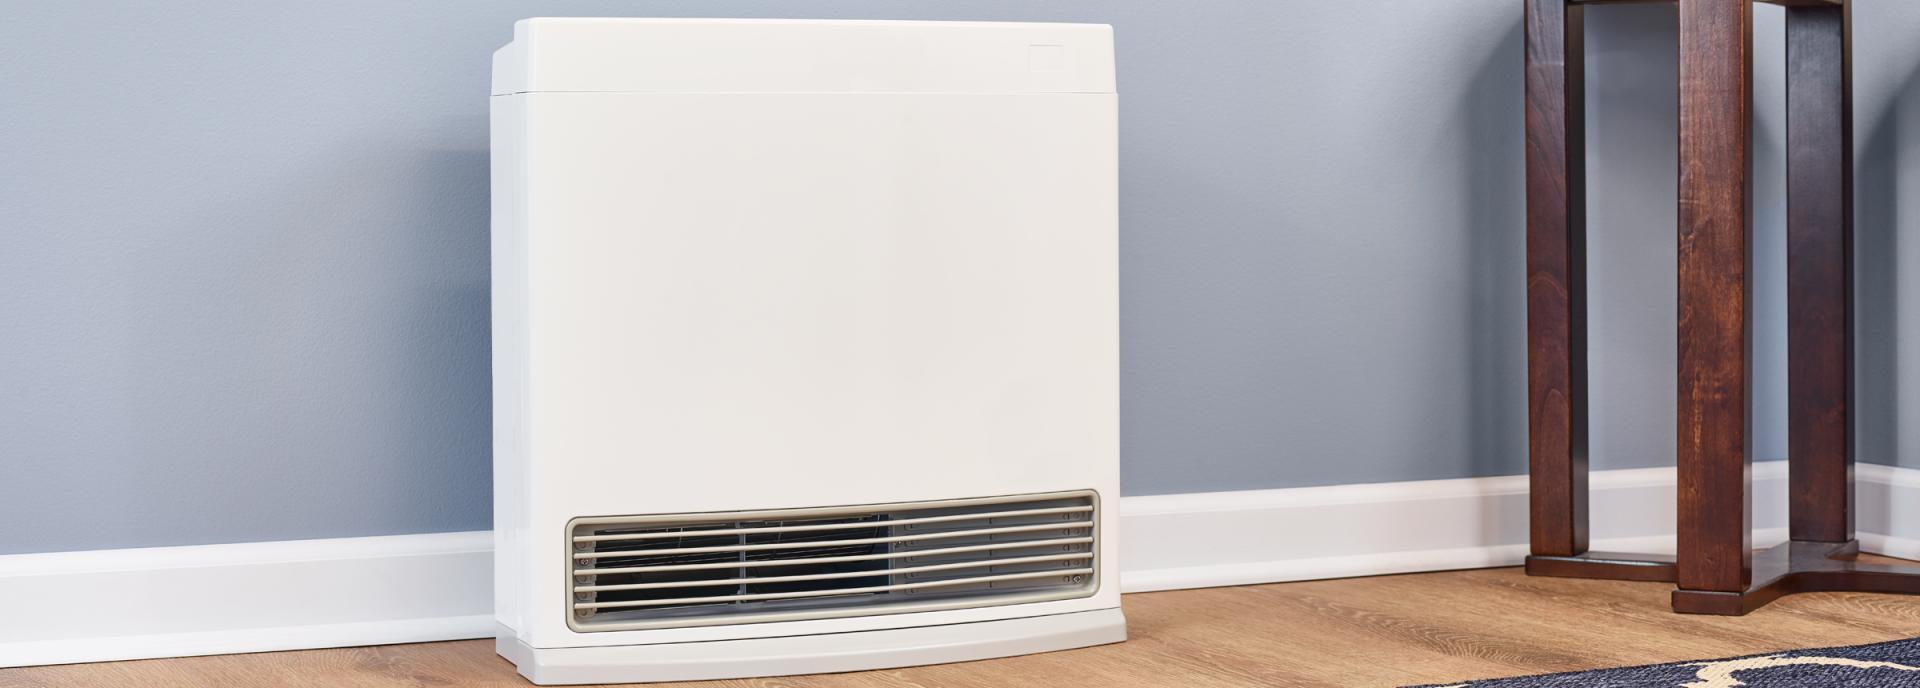 Vent Free Fan Convectors Rinnai